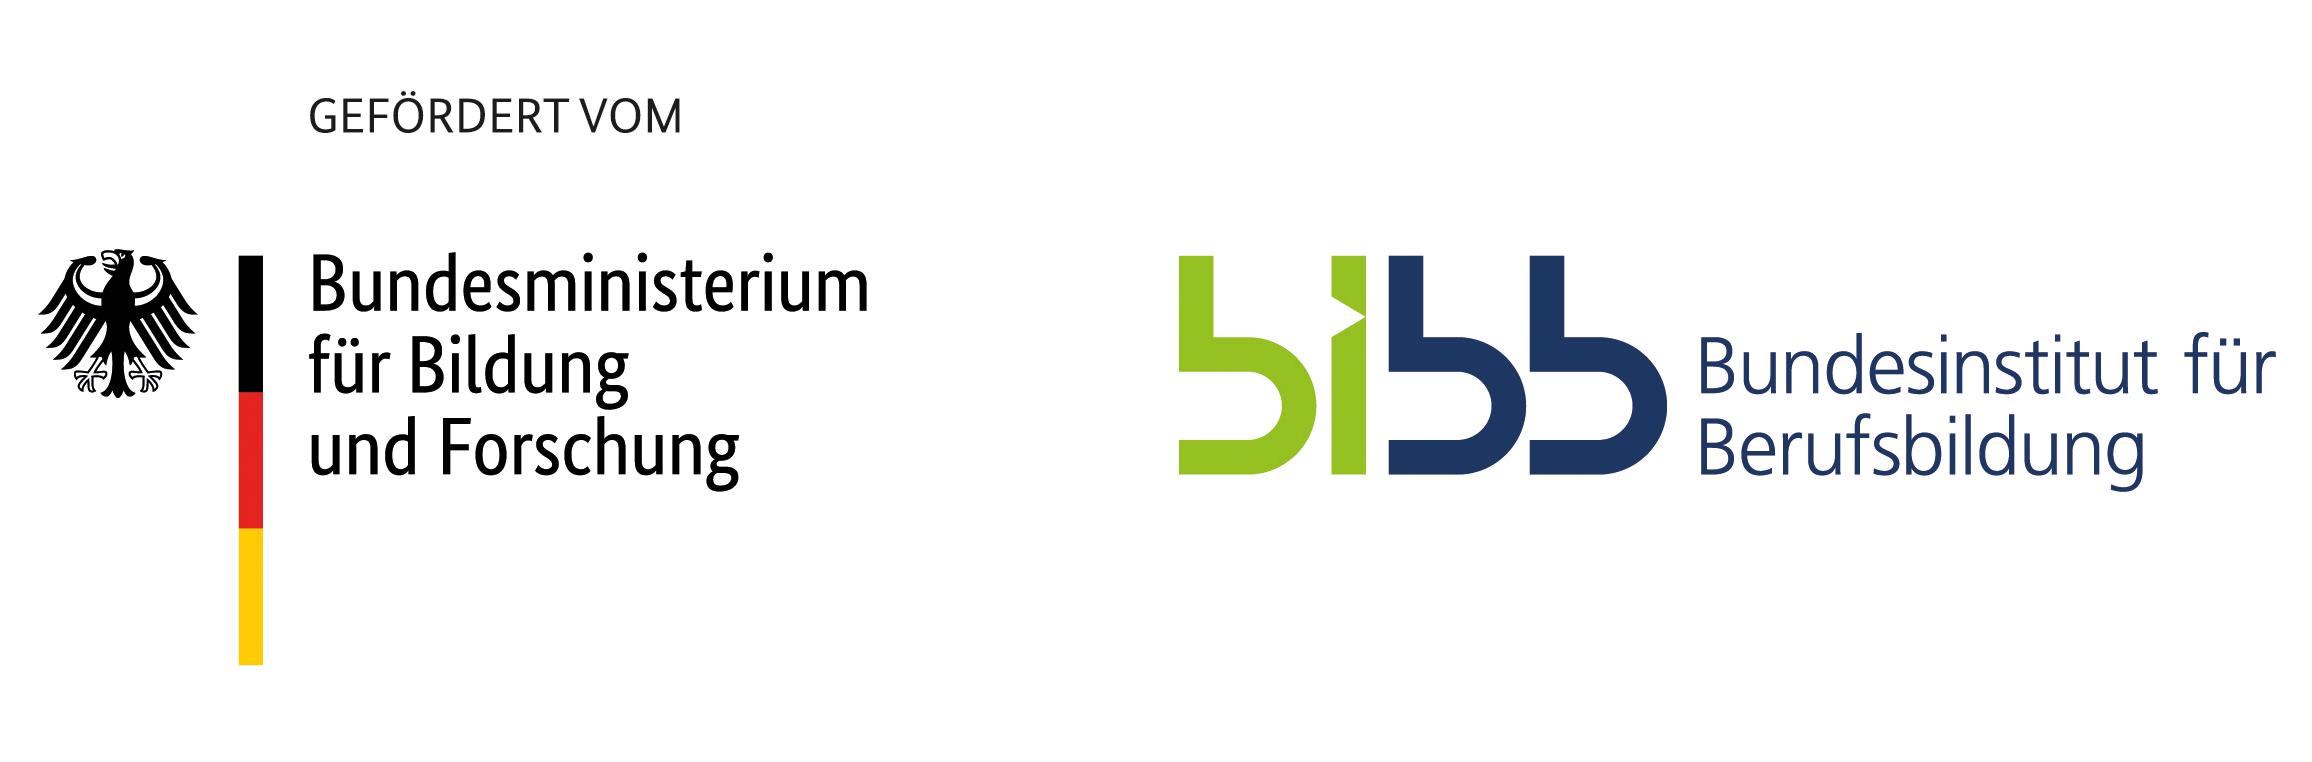 BOF - Logoleiste - Förderer 2019